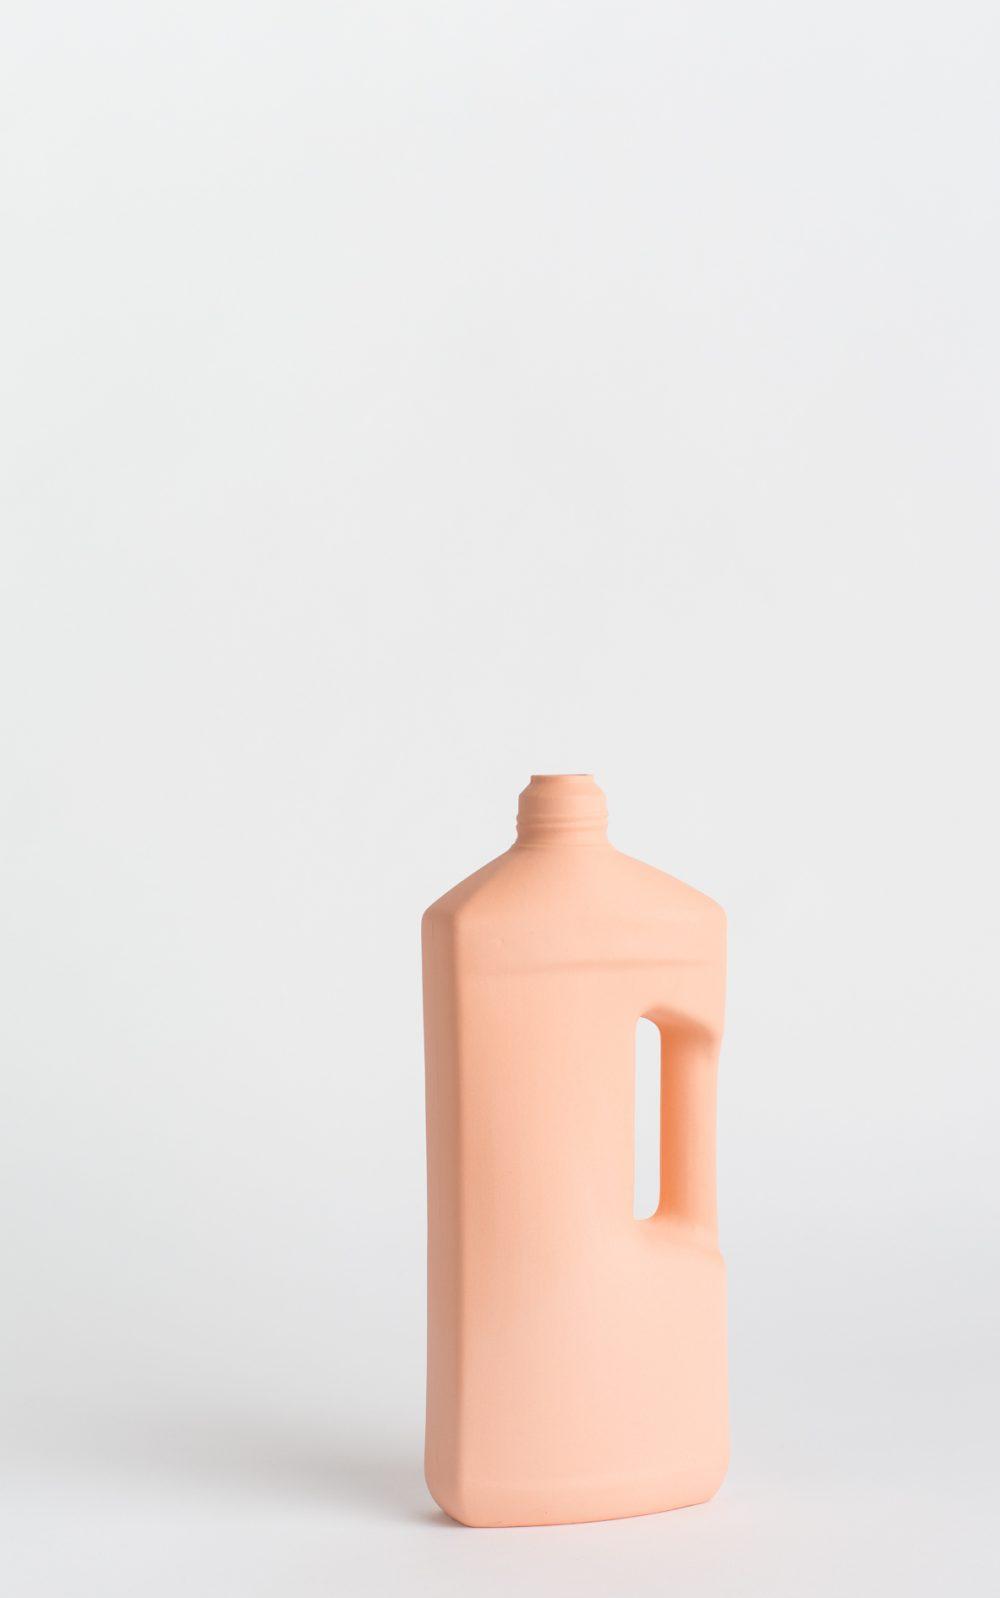 bottle vase #3 orange